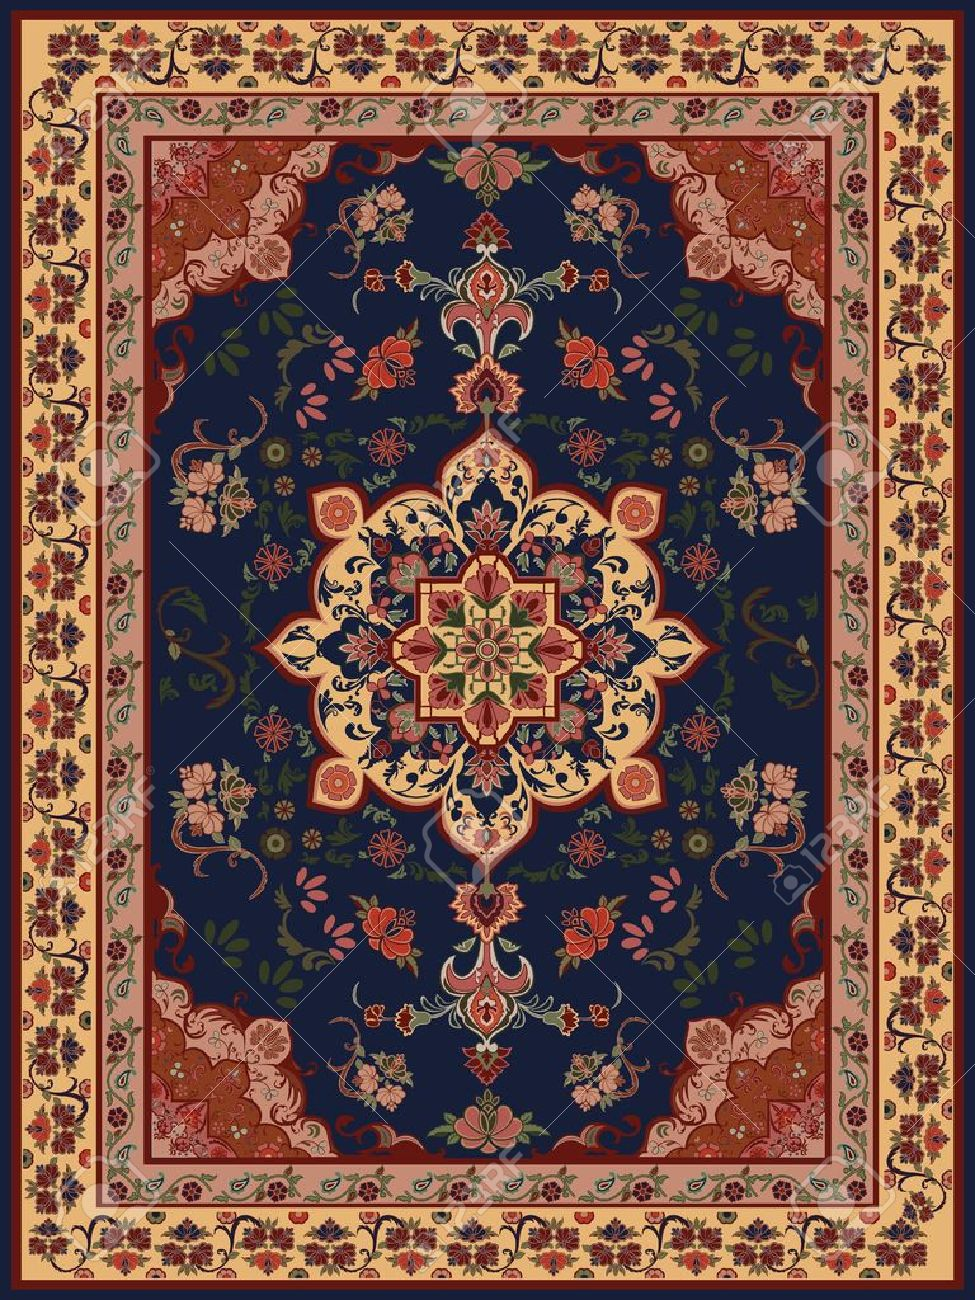 oriental floral carpet design stock vector - 11431921 BWRKKOM